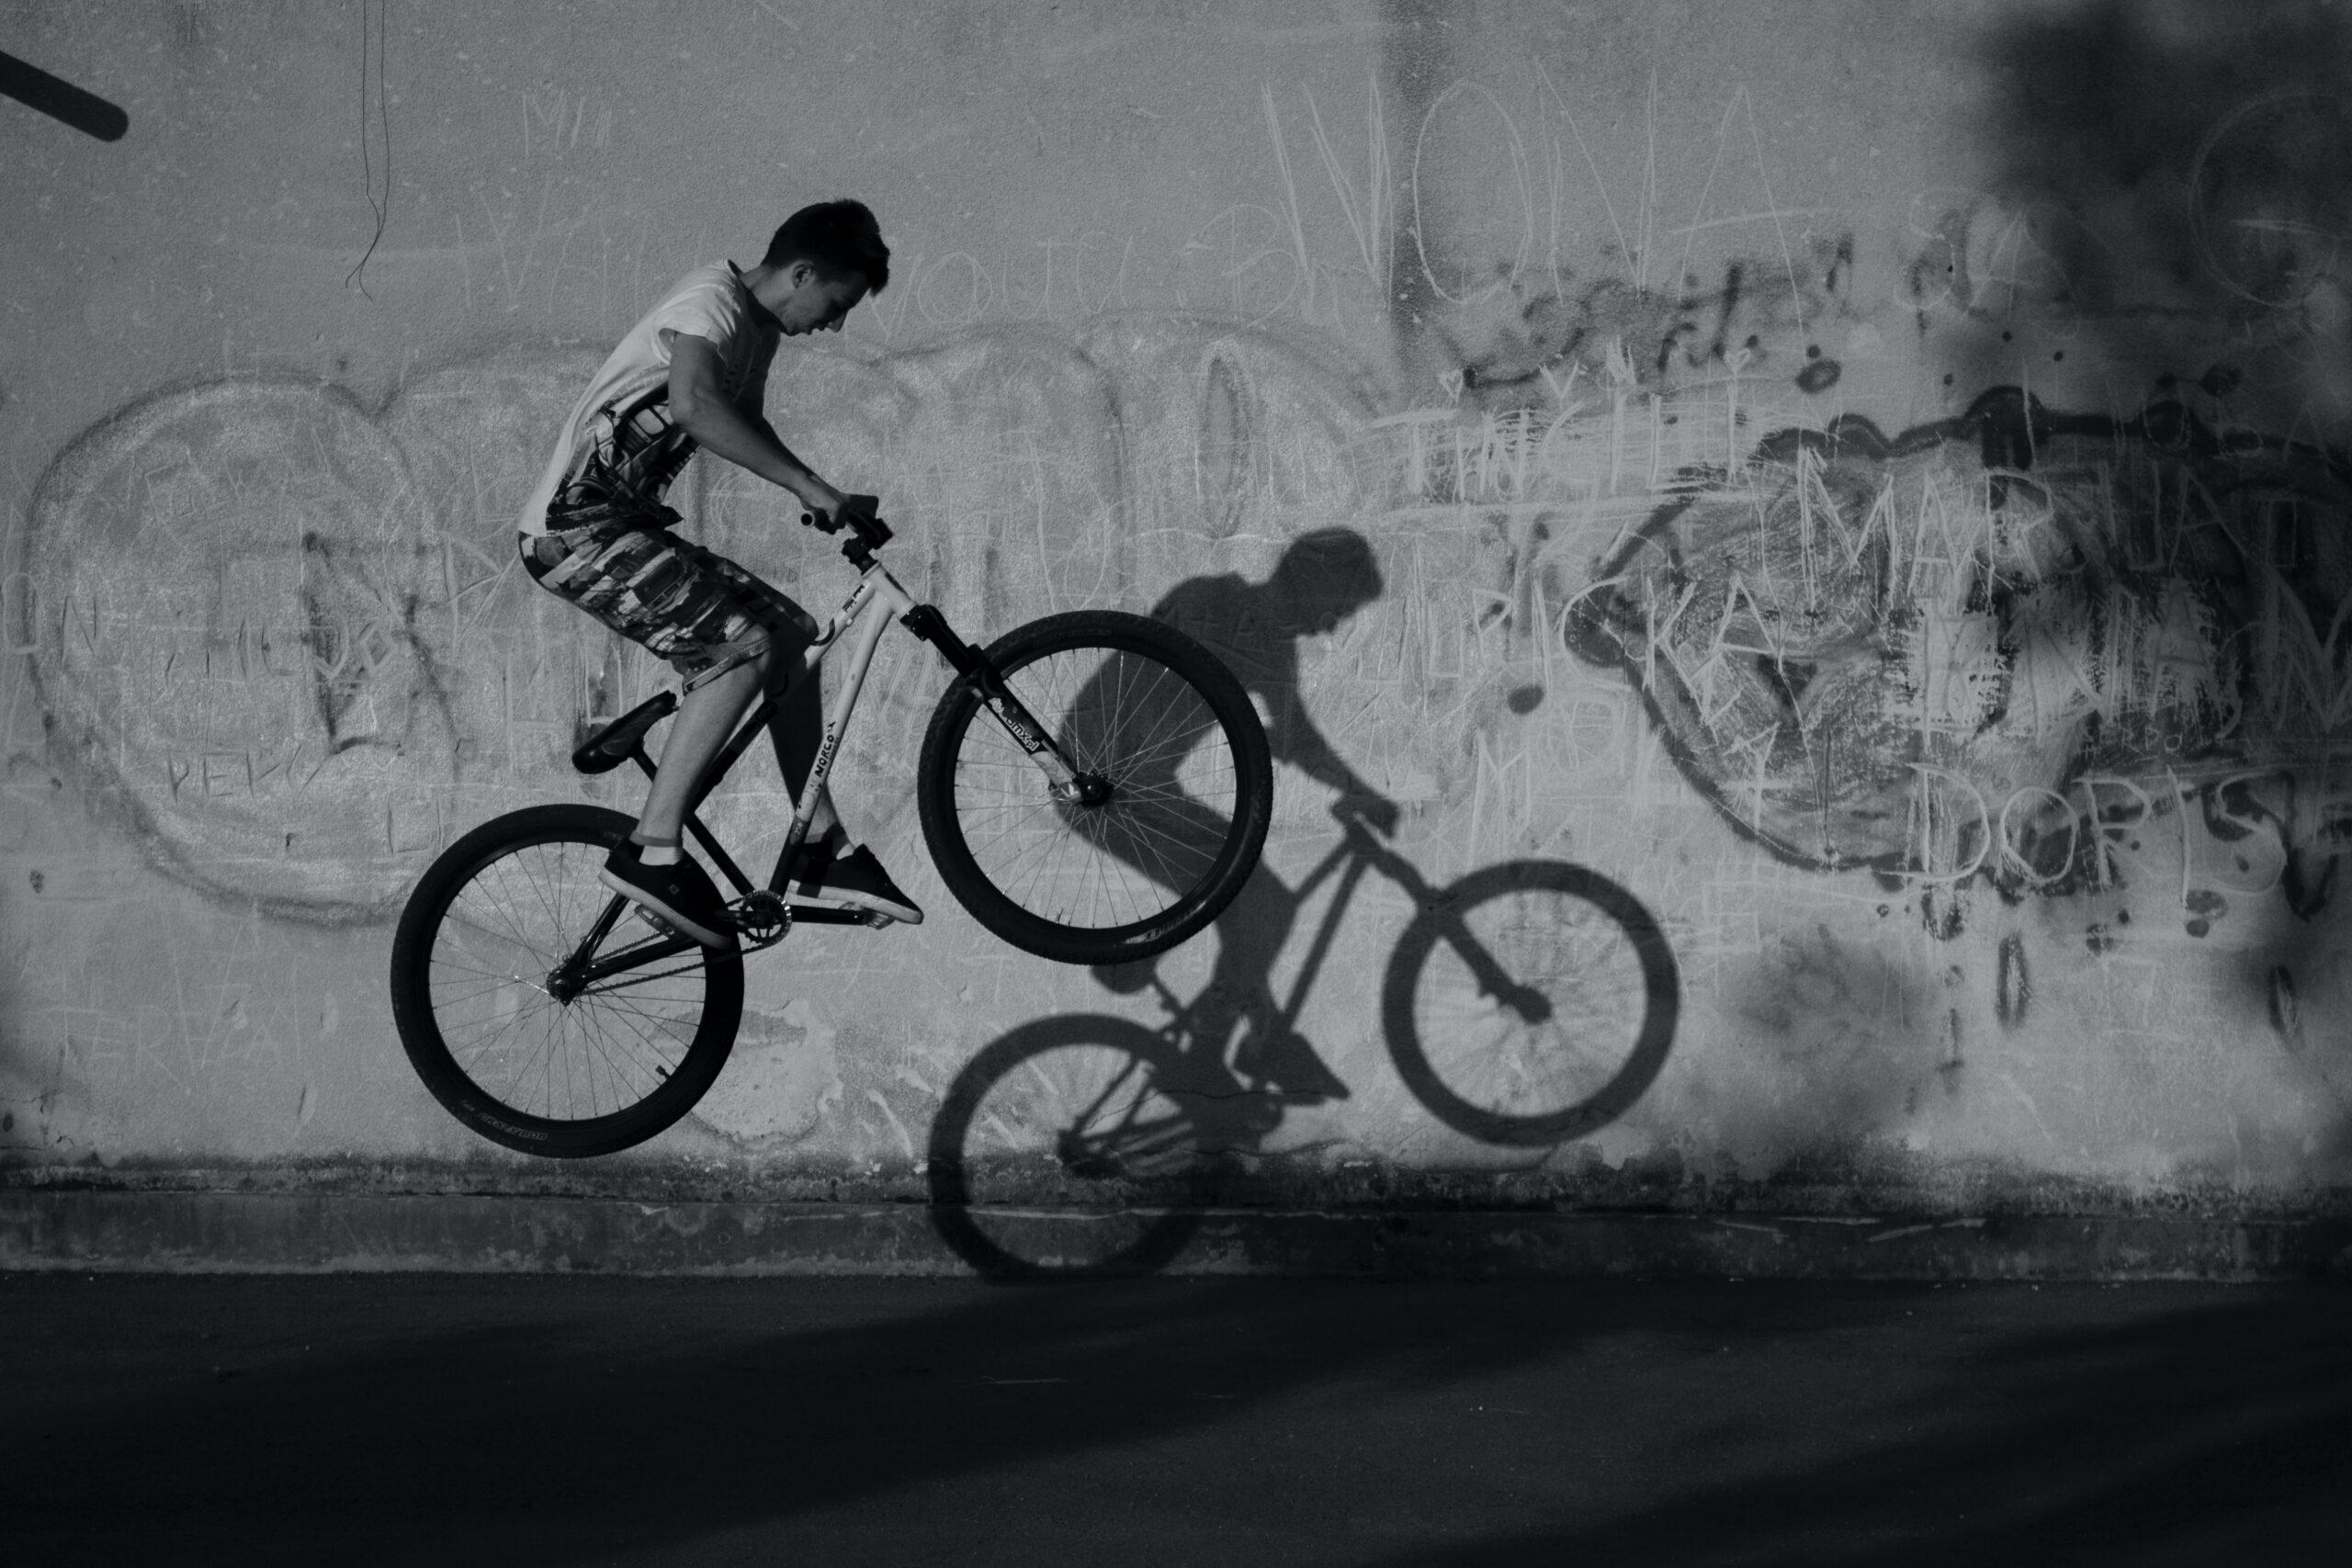 Sportvoeding voor wielrennen